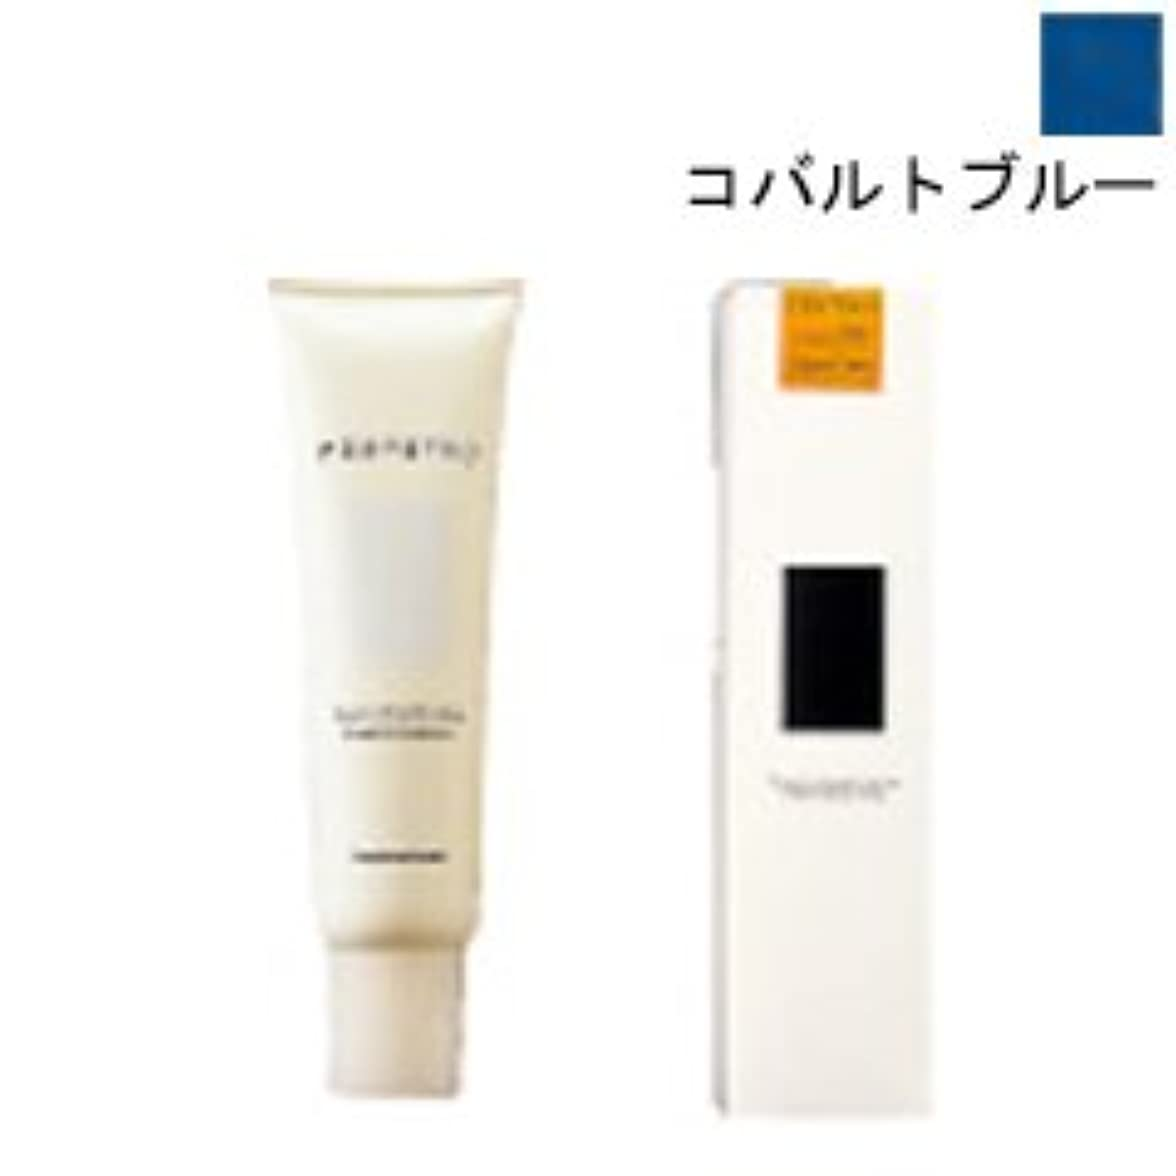 理容師ナプキンアリ【ナンバースリー】パーフェットカラー コバルトブルー 150g